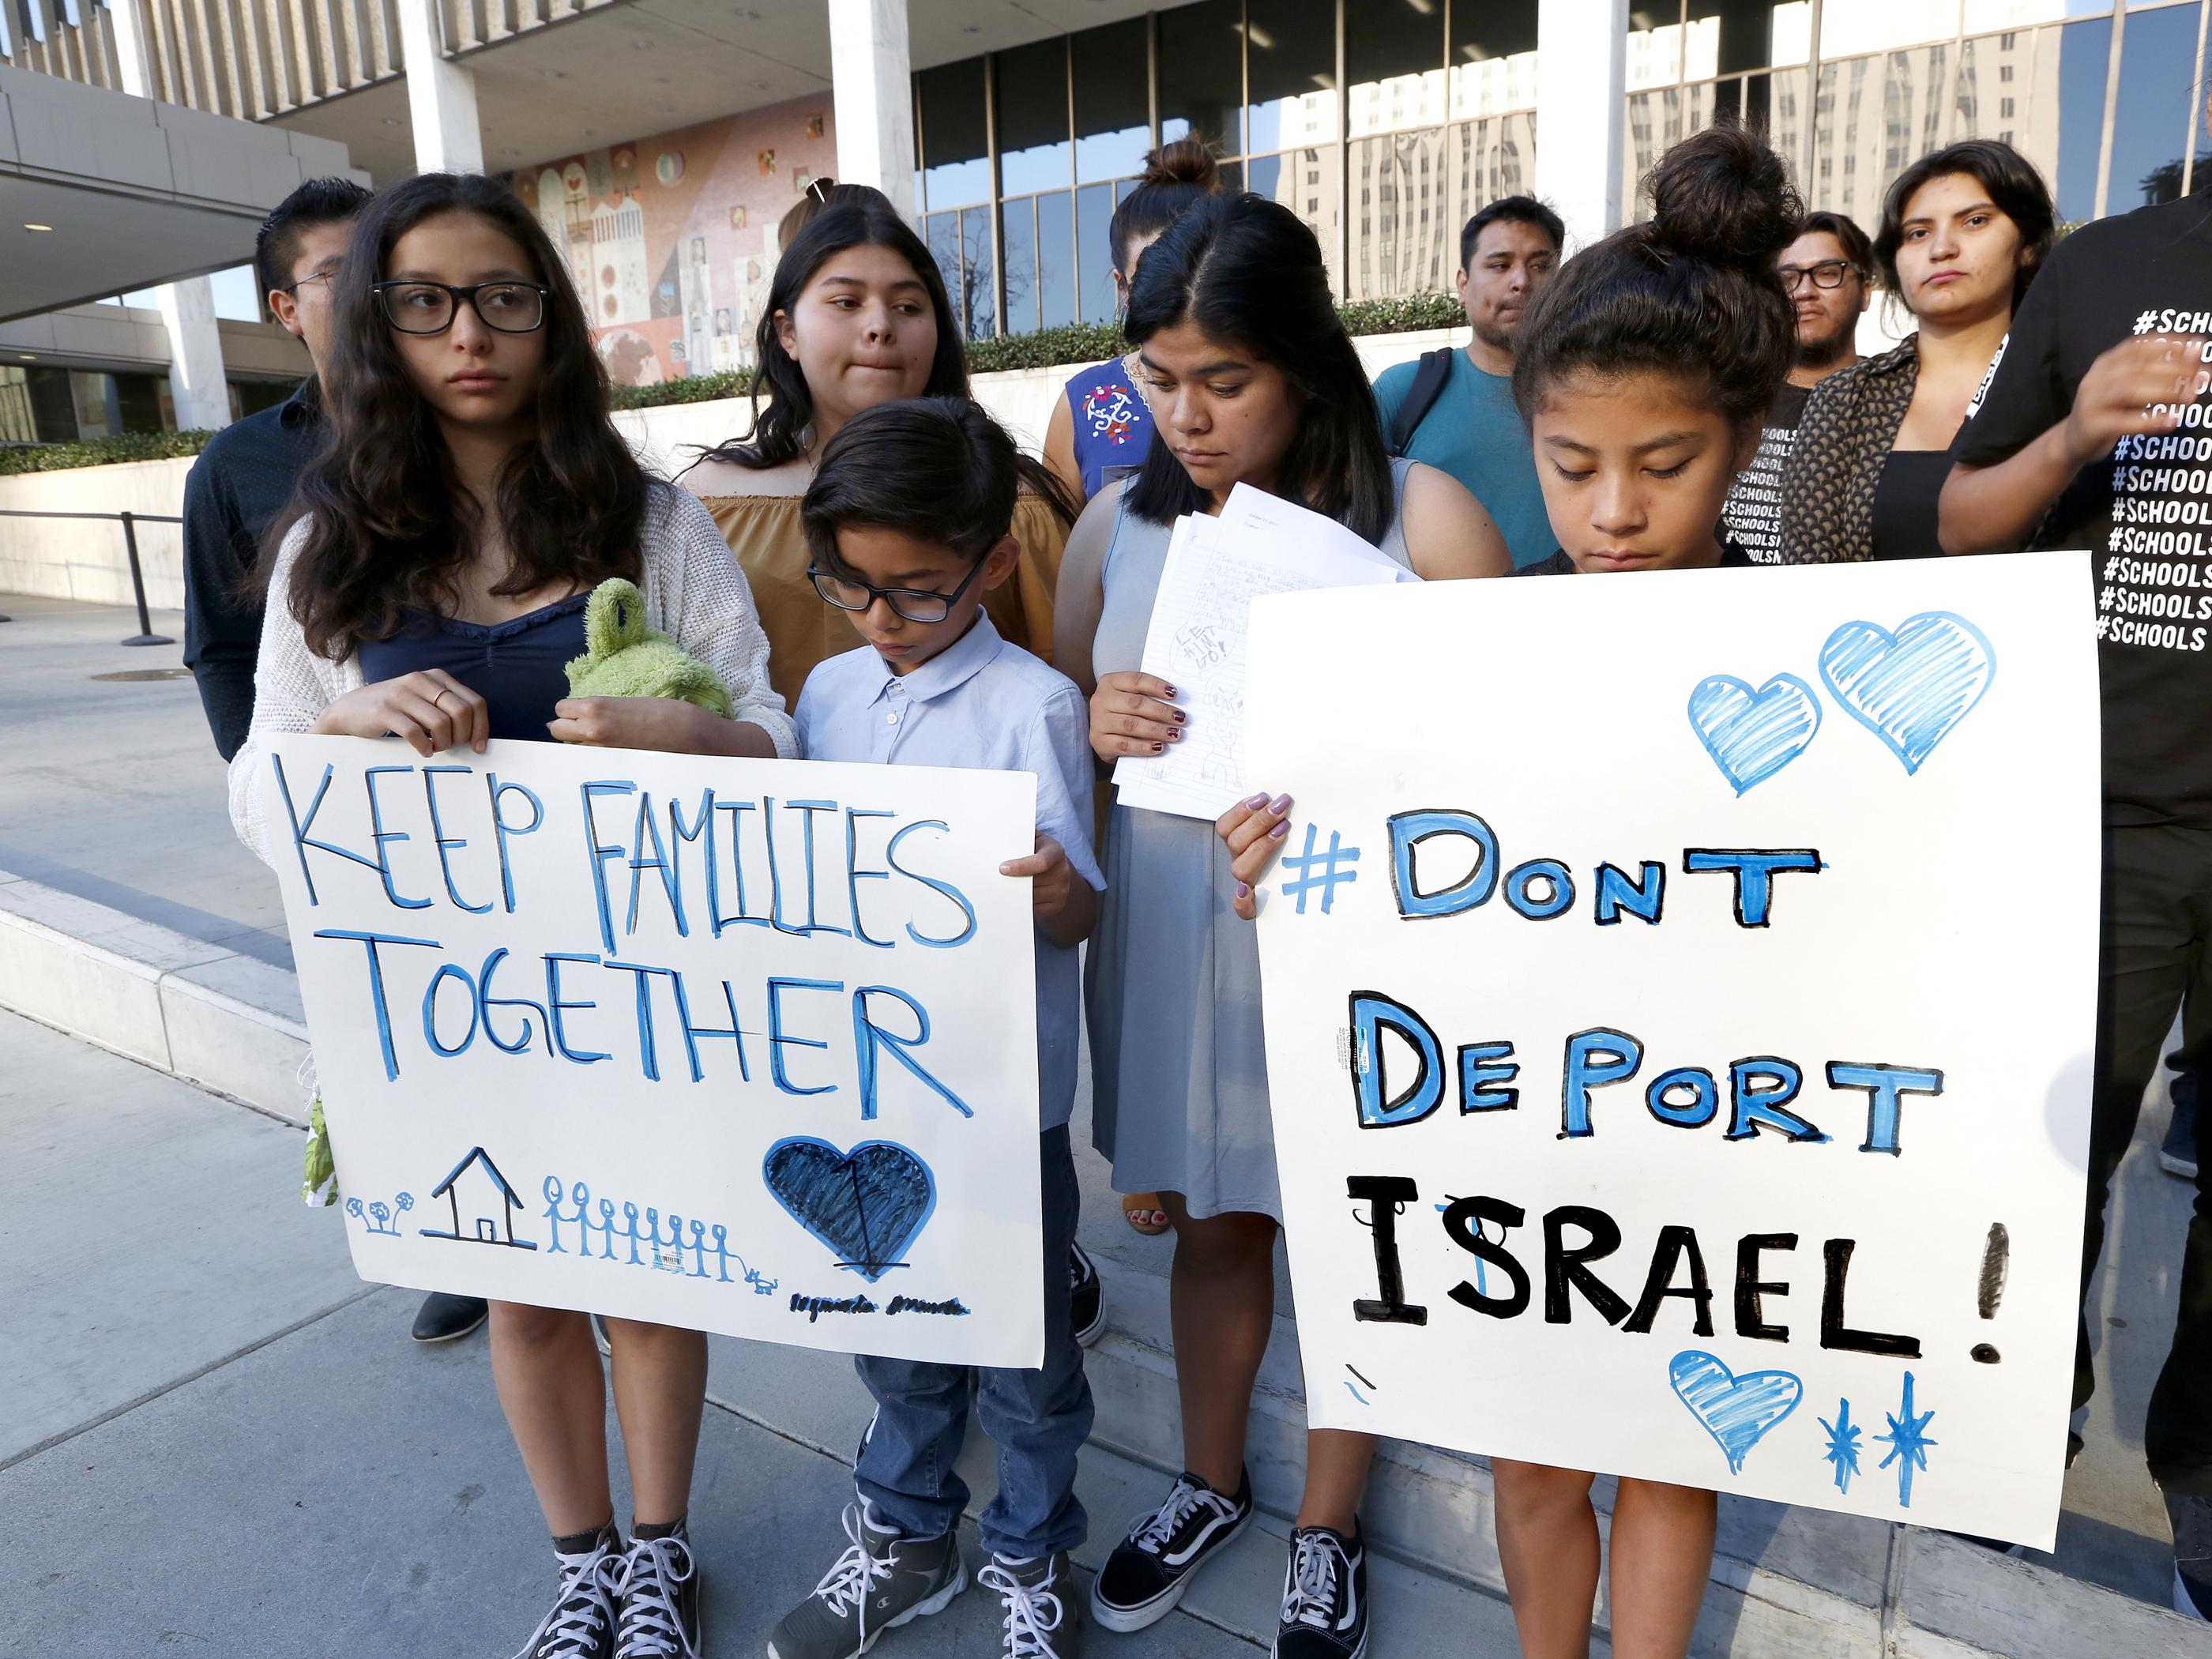 Los hijos de Israel Barrios Mendoza piden su liberación frente al edificio federal de Los Ángeles. El padre fue detenido por Migración cuando salía a trabajar en Santa Ana hace un mes. (Aurelia Ventura/ La Opinion)